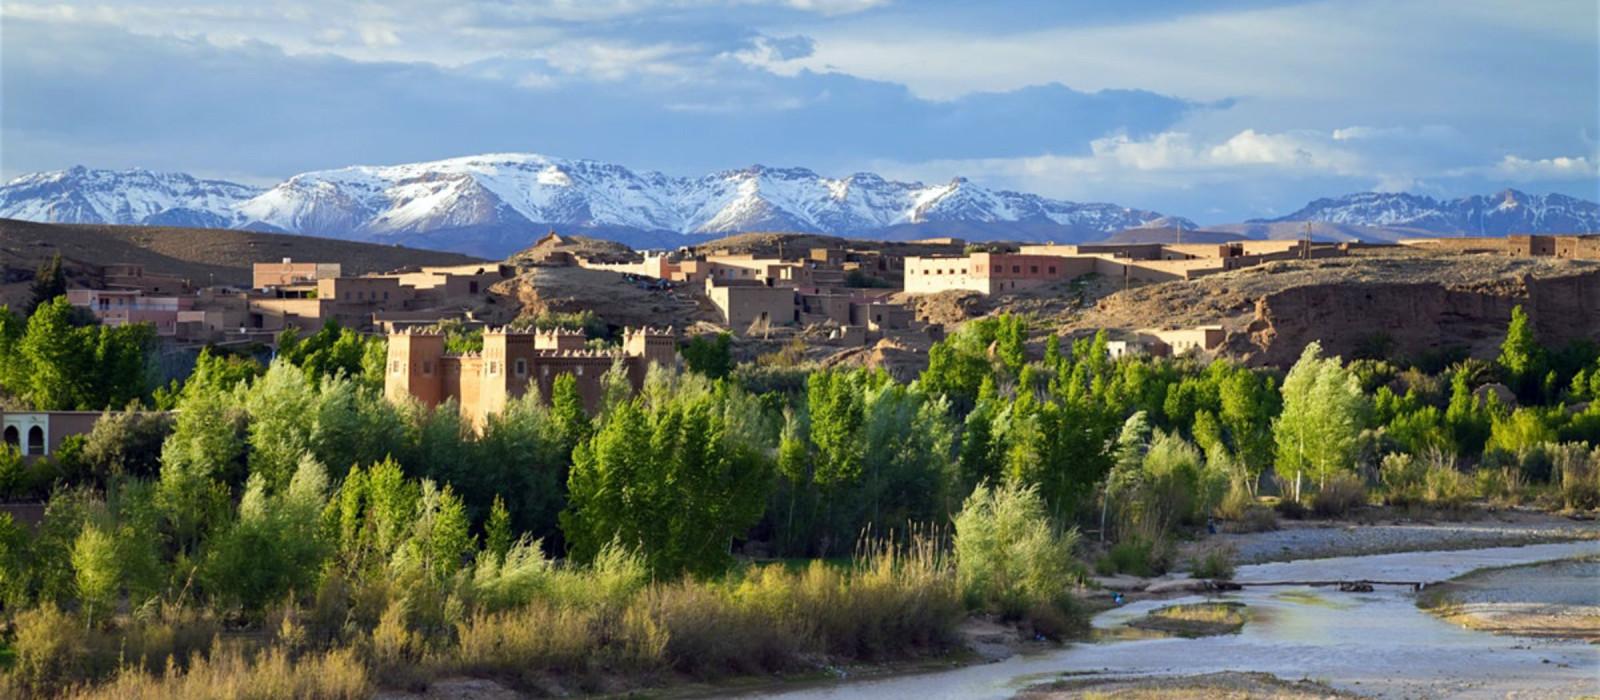 Reiseziel Boumalne Dades Marokko